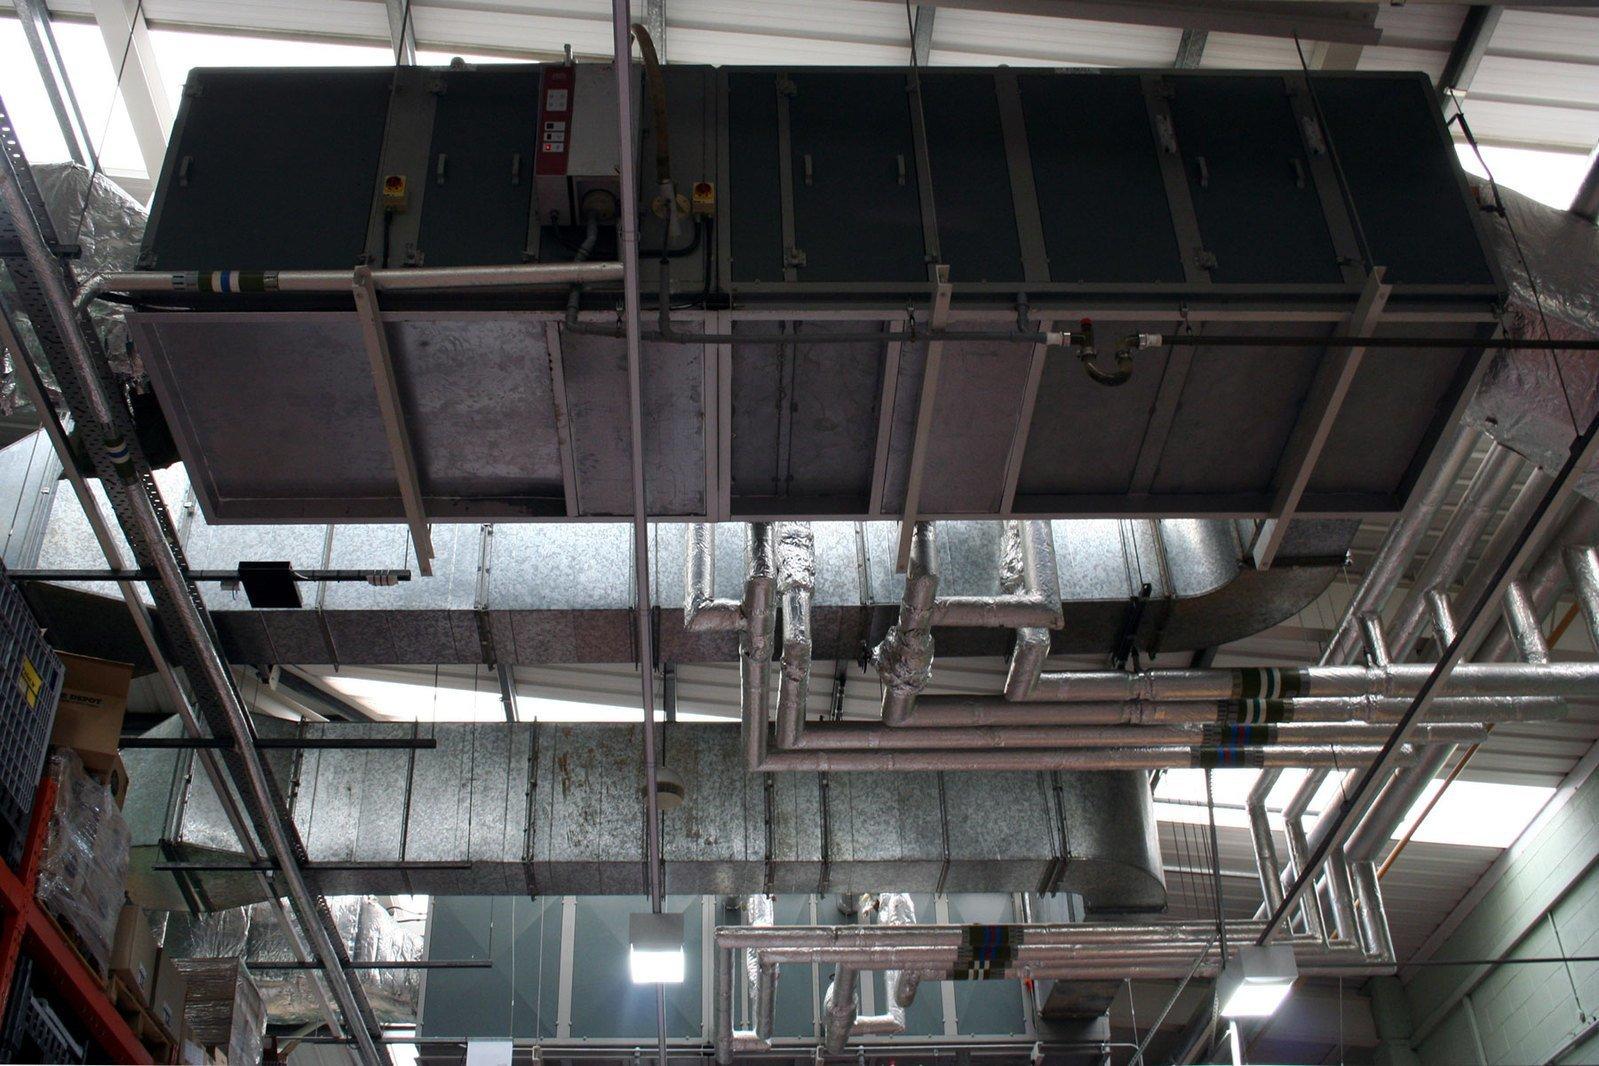 床 リフォーム | 空調工事の種類別 金額・費用相場とポイント